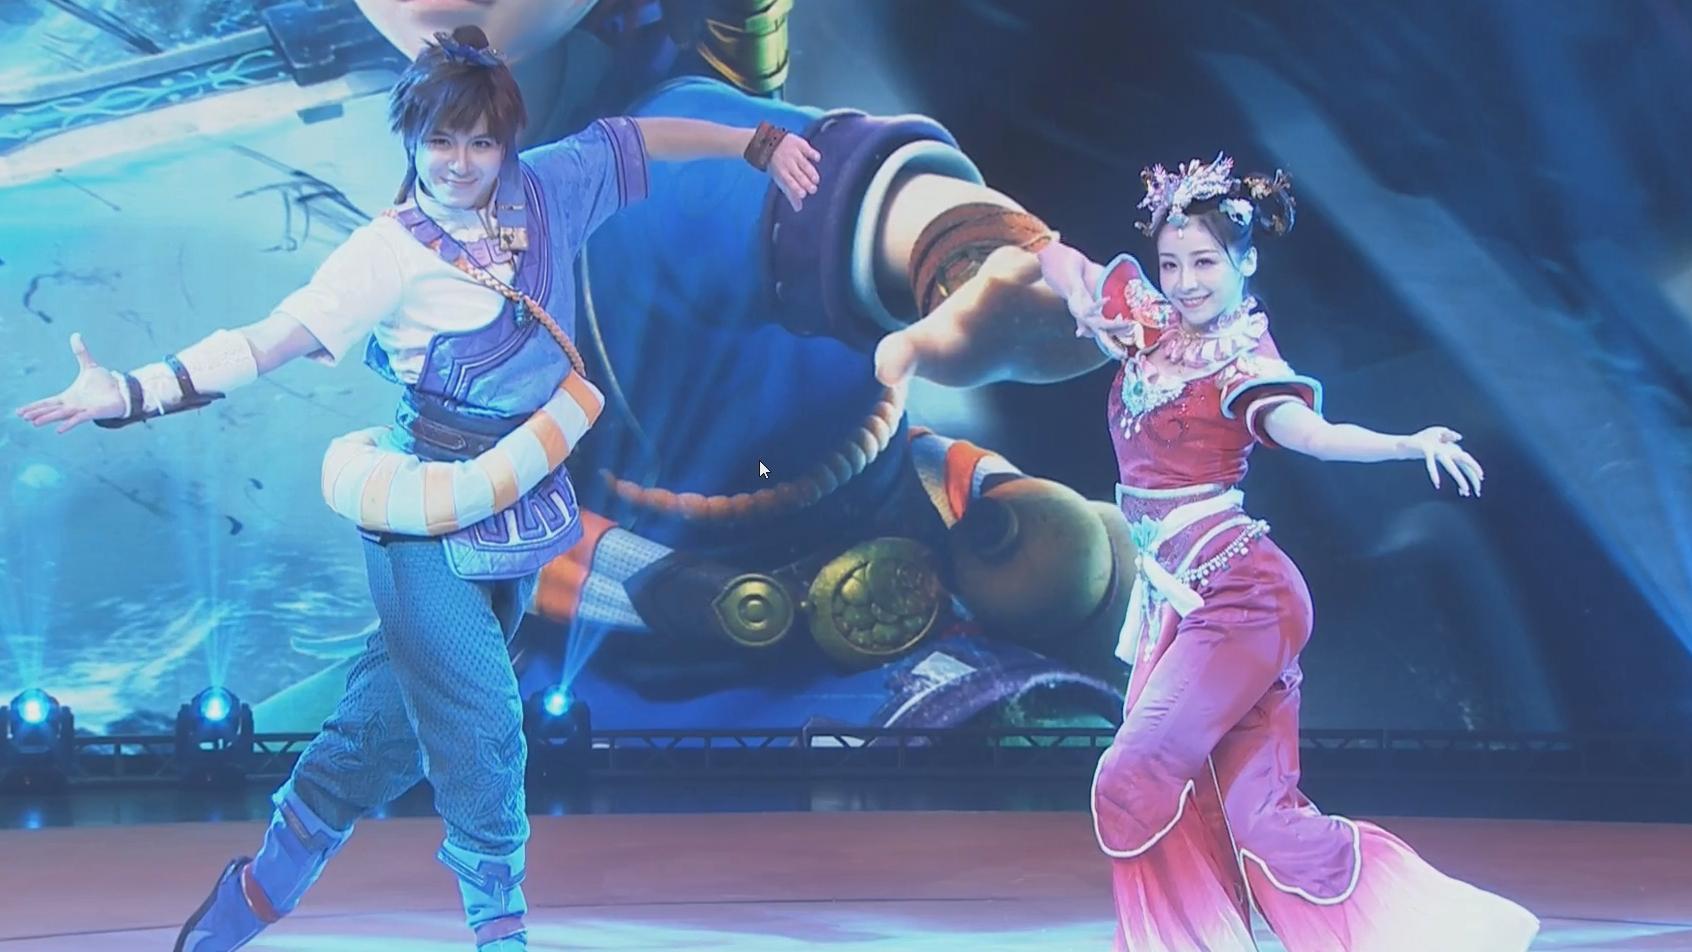 《满城雪》:舞天姬(紫颜)、剑侠客(本来想录点比赛视频,结果看到紫颜跳舞了)